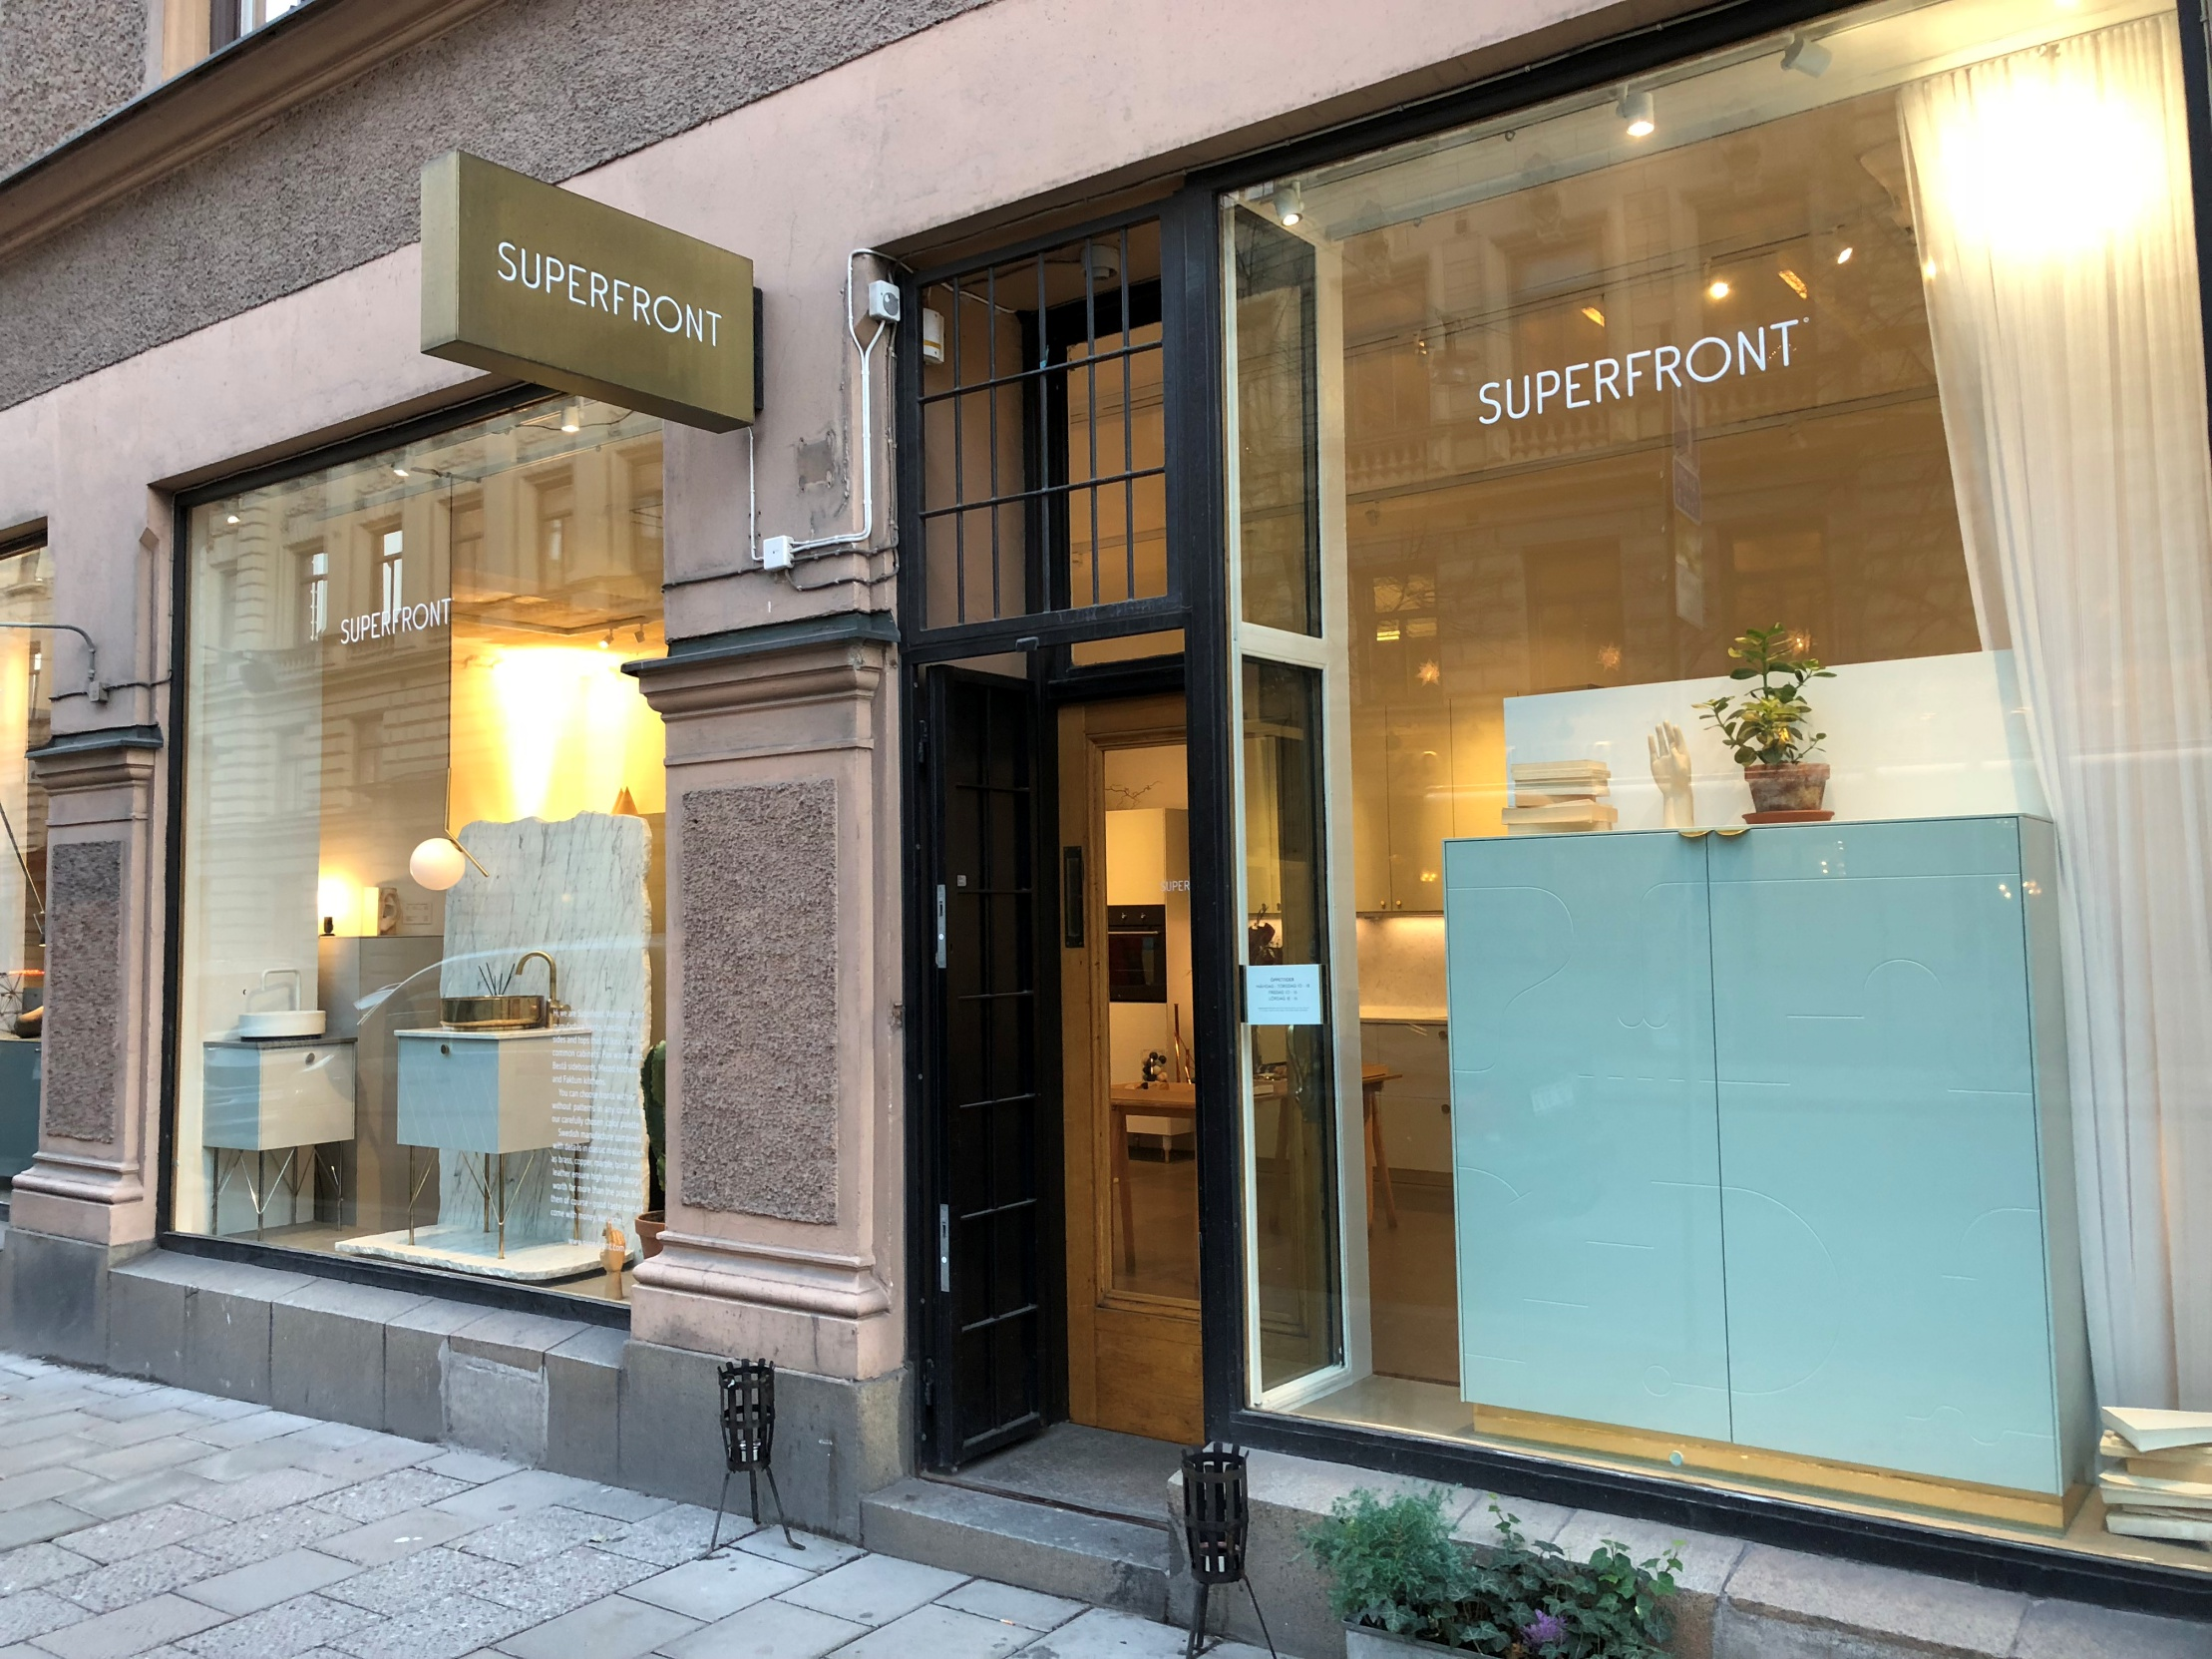 스톡홀름 중심가에 위치한 Superfront 쇼룸에서는 그들의 제품을 이용한 고급스러운 인테리어 예시를 직접 경험할 수 있다. ©김상찬